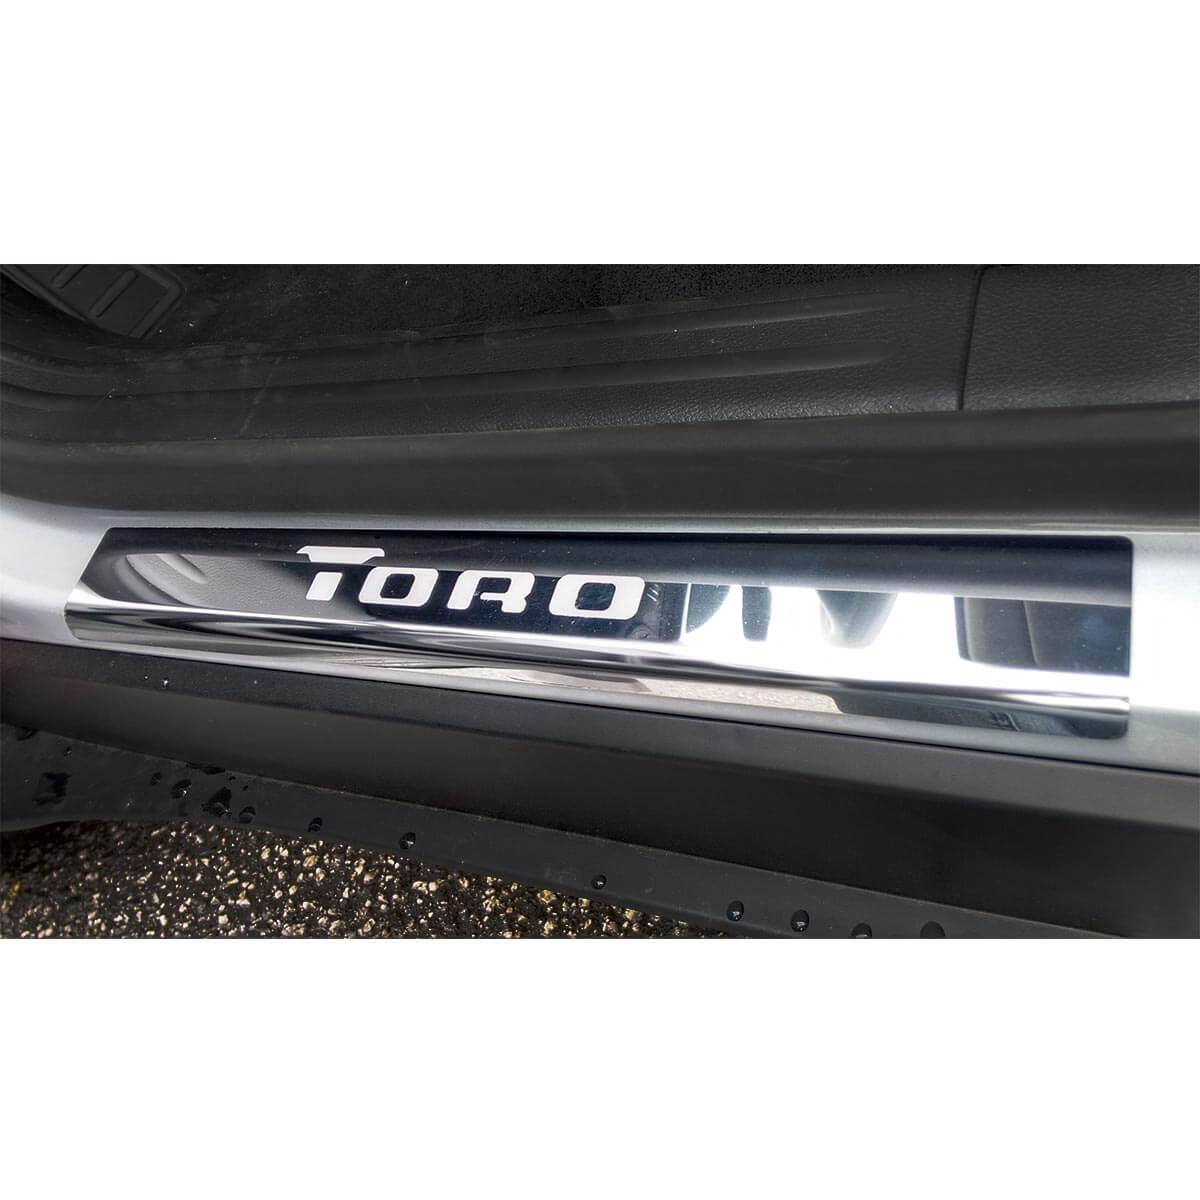 Protetor de soleira aço inox Fiat Toro 2017 a 2022